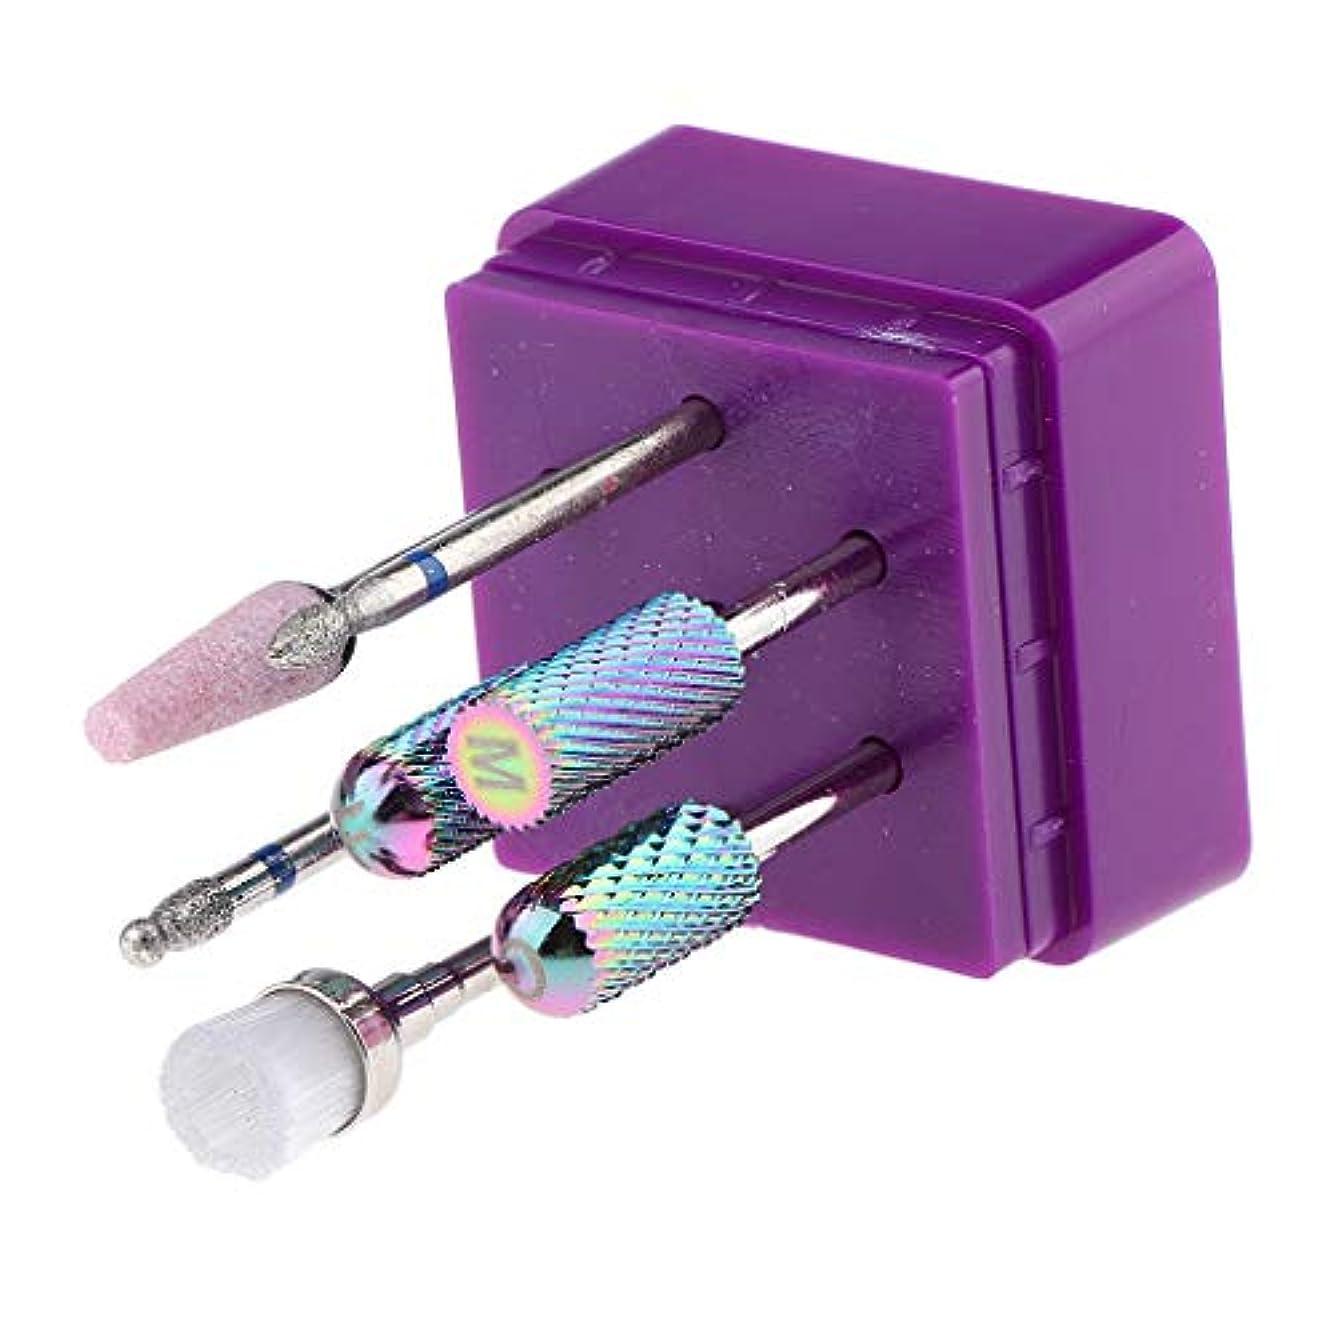 費用パブバクテリアB Baosity 電気ネイルマシン 研削ヘッド 研磨 ドリルビット ネイルアート ネイルサロン